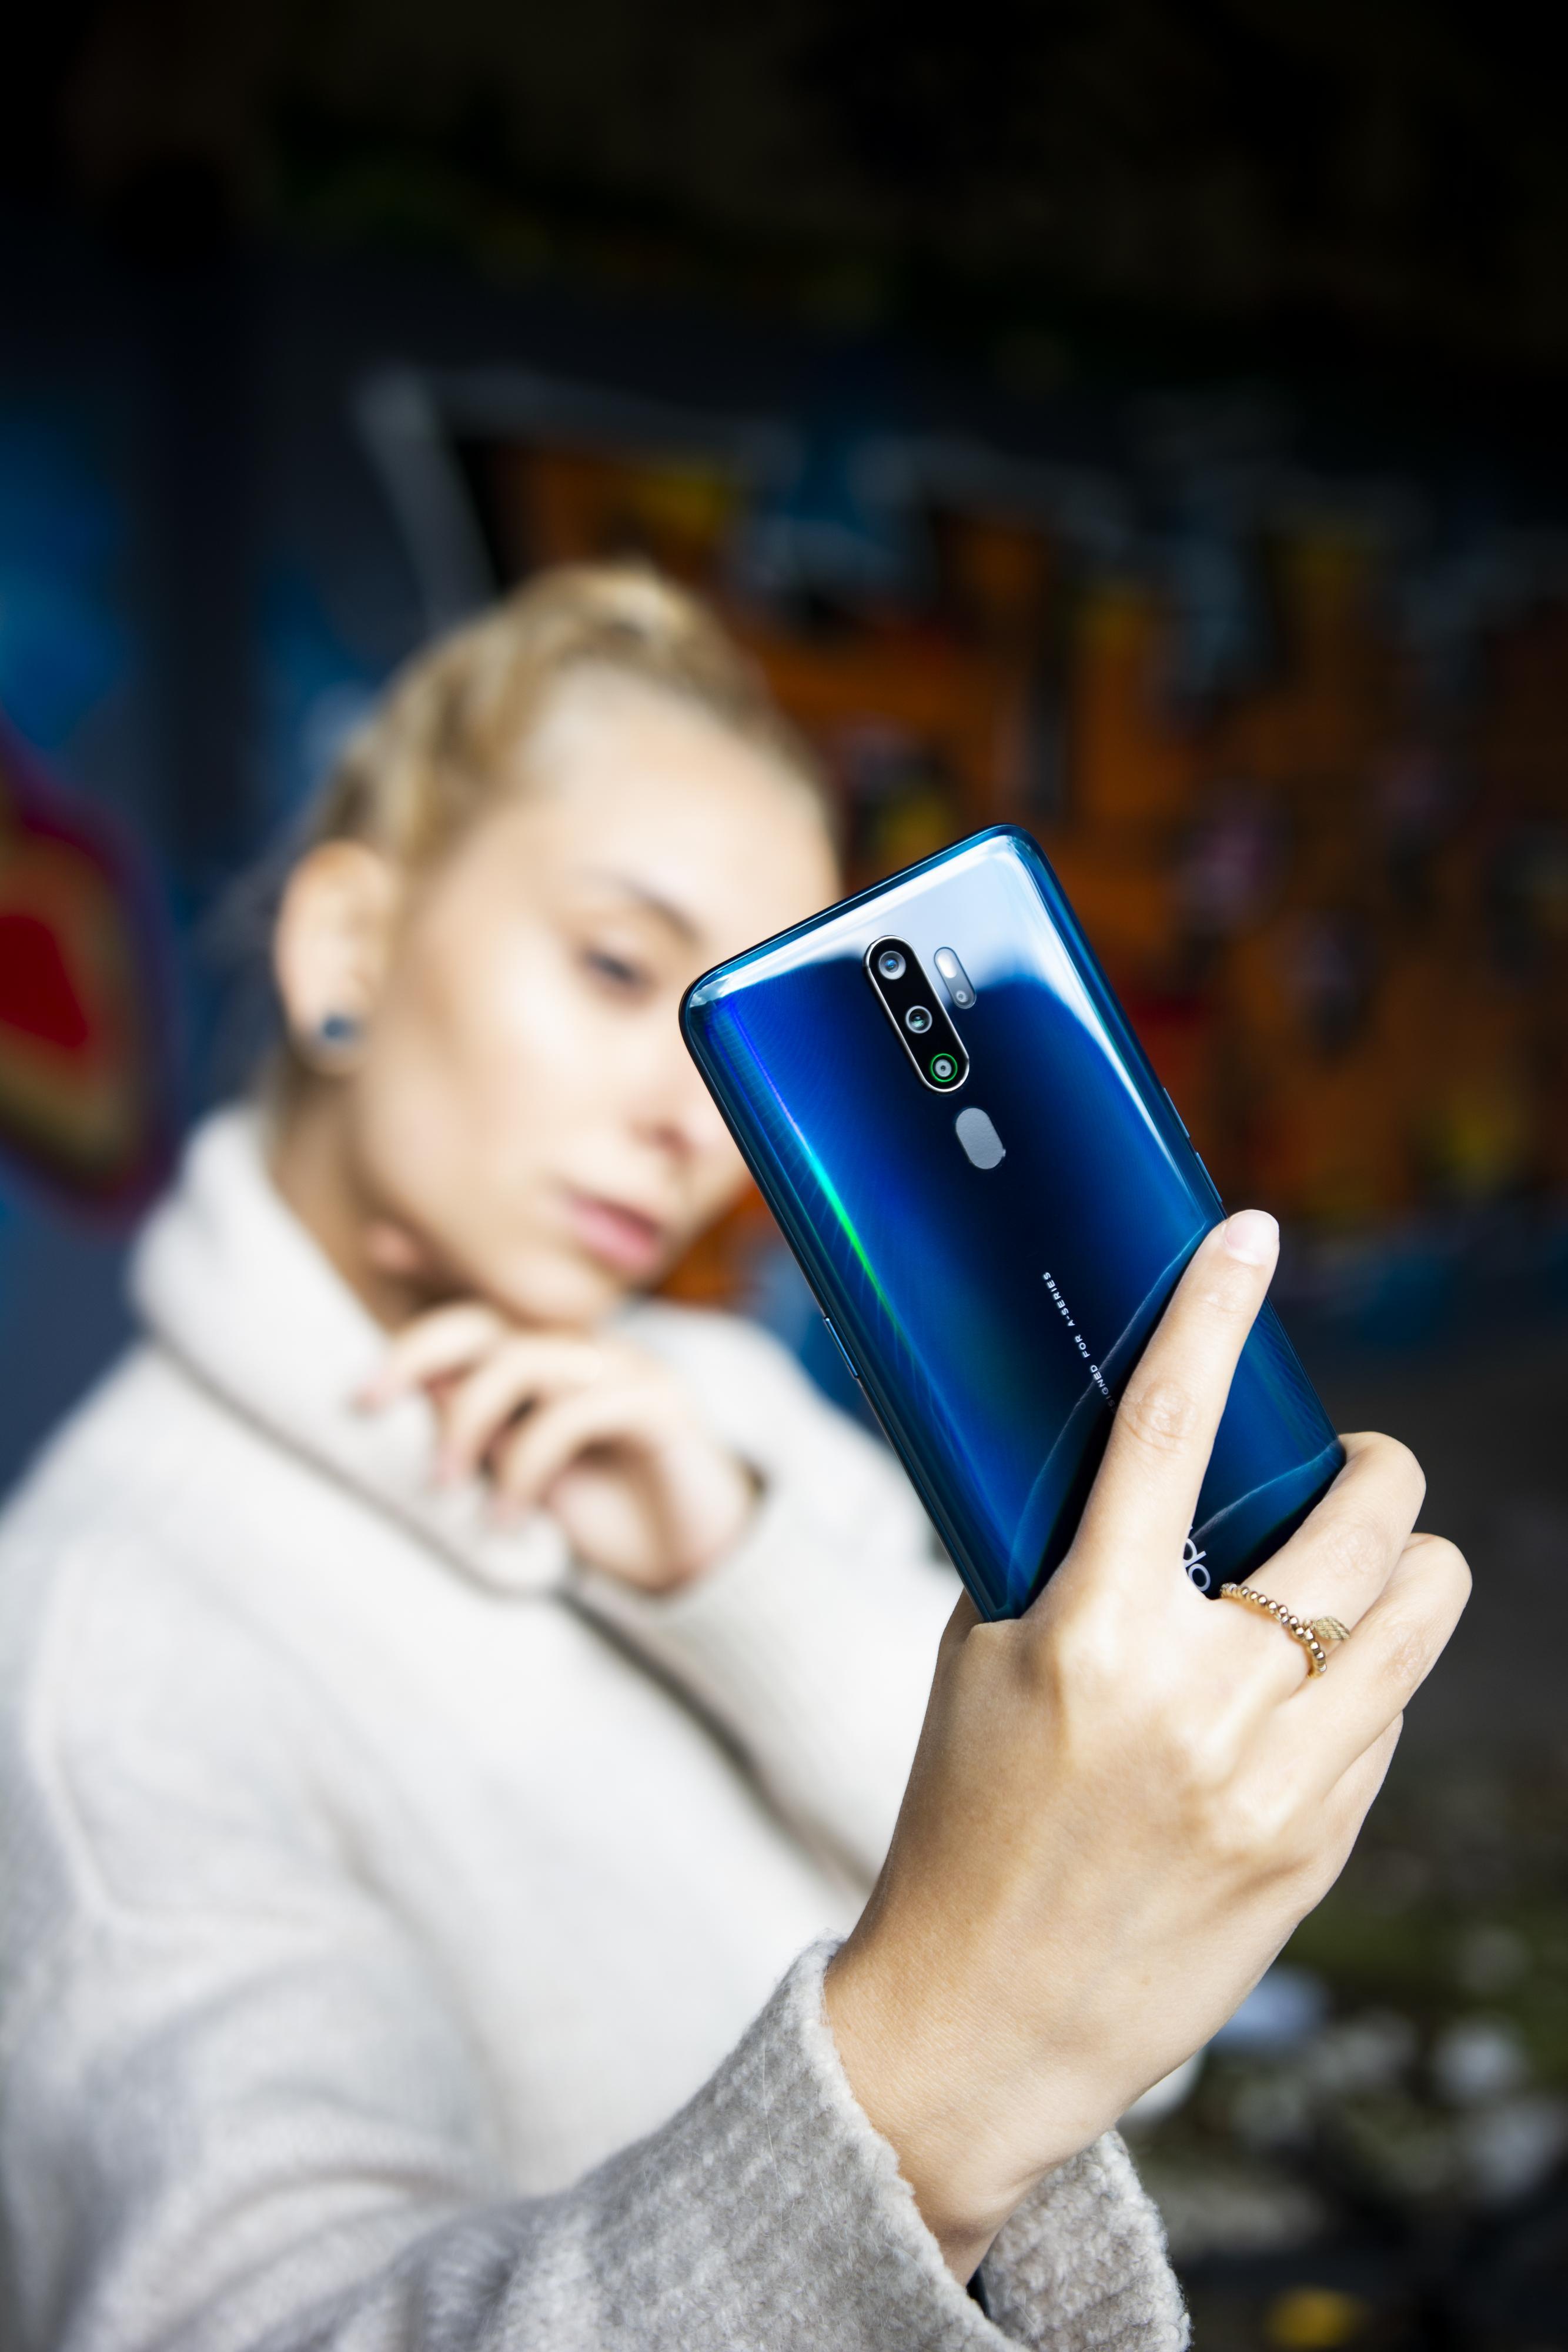 смартфон для интернета и качественных фото